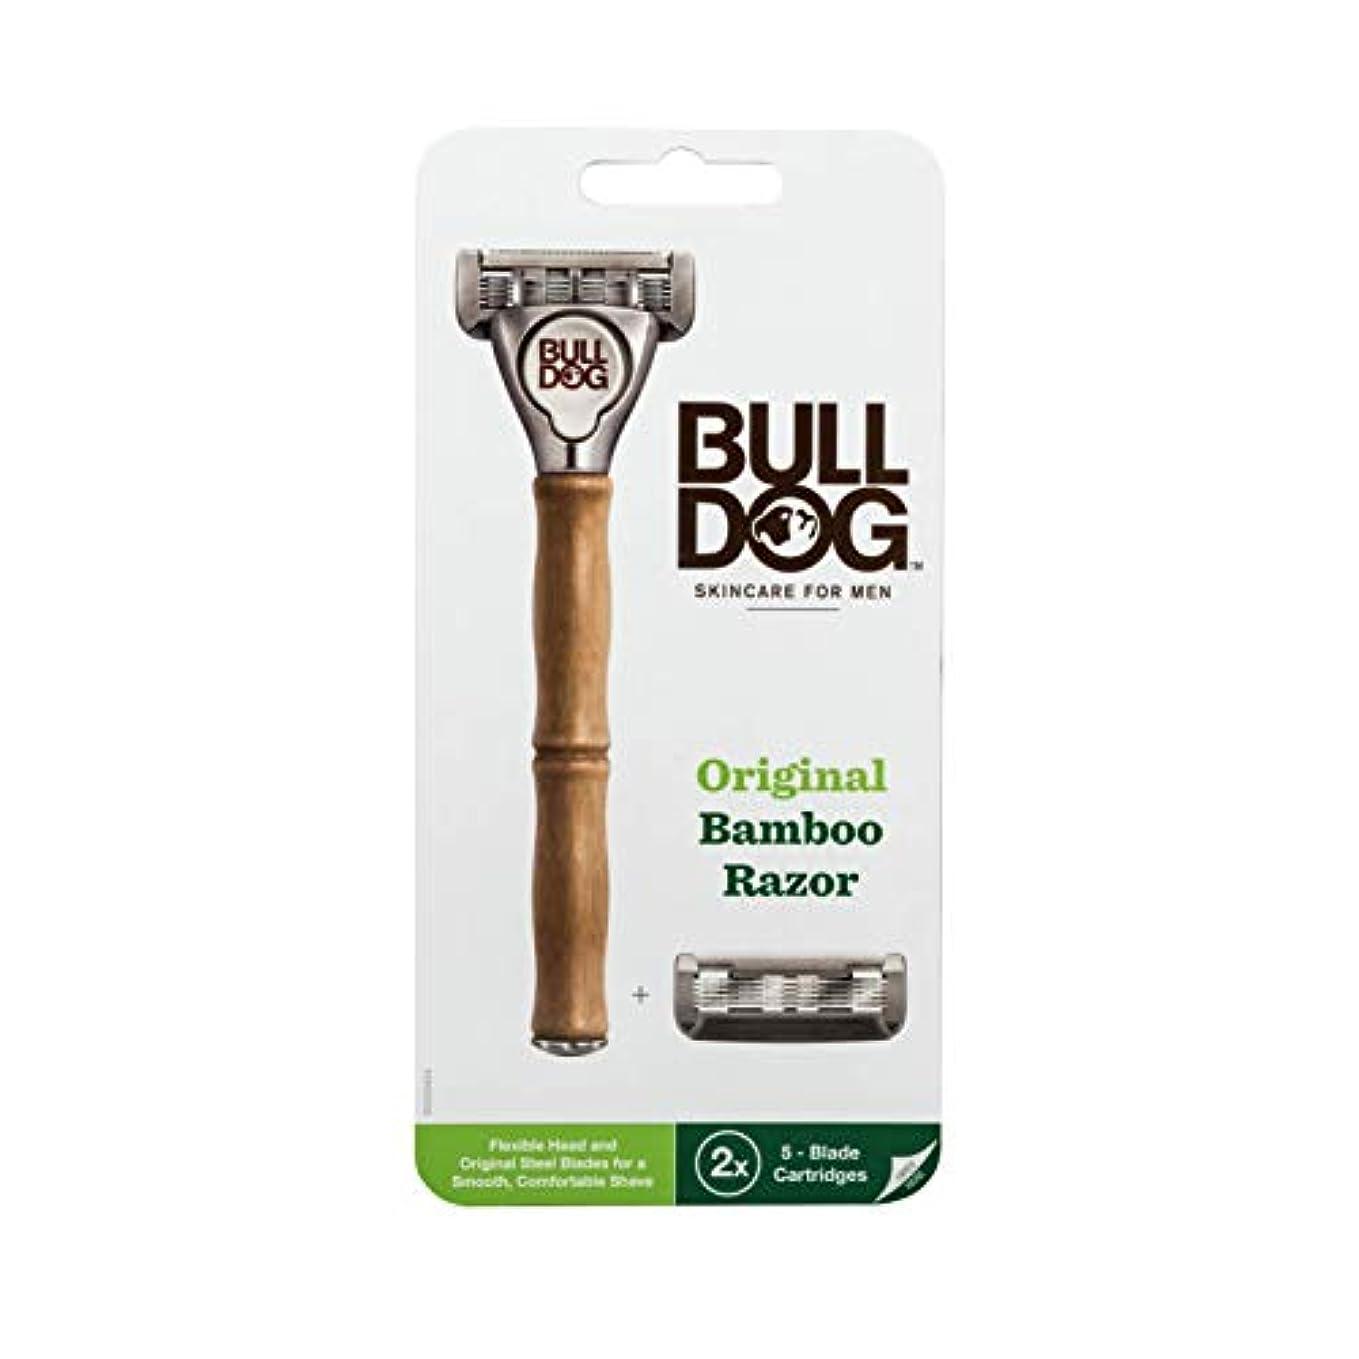 トロリー幾分紫のBulldog(ブルドッグ) ブルドッグ Bulldog 5枚刃 オリジナルバンブーホルダー 水に強い竹製ハンドル 替刃 2コ付 男性カミソリ ホルダー(1本)、替刃2コ付き(内1コ本体装着済み)